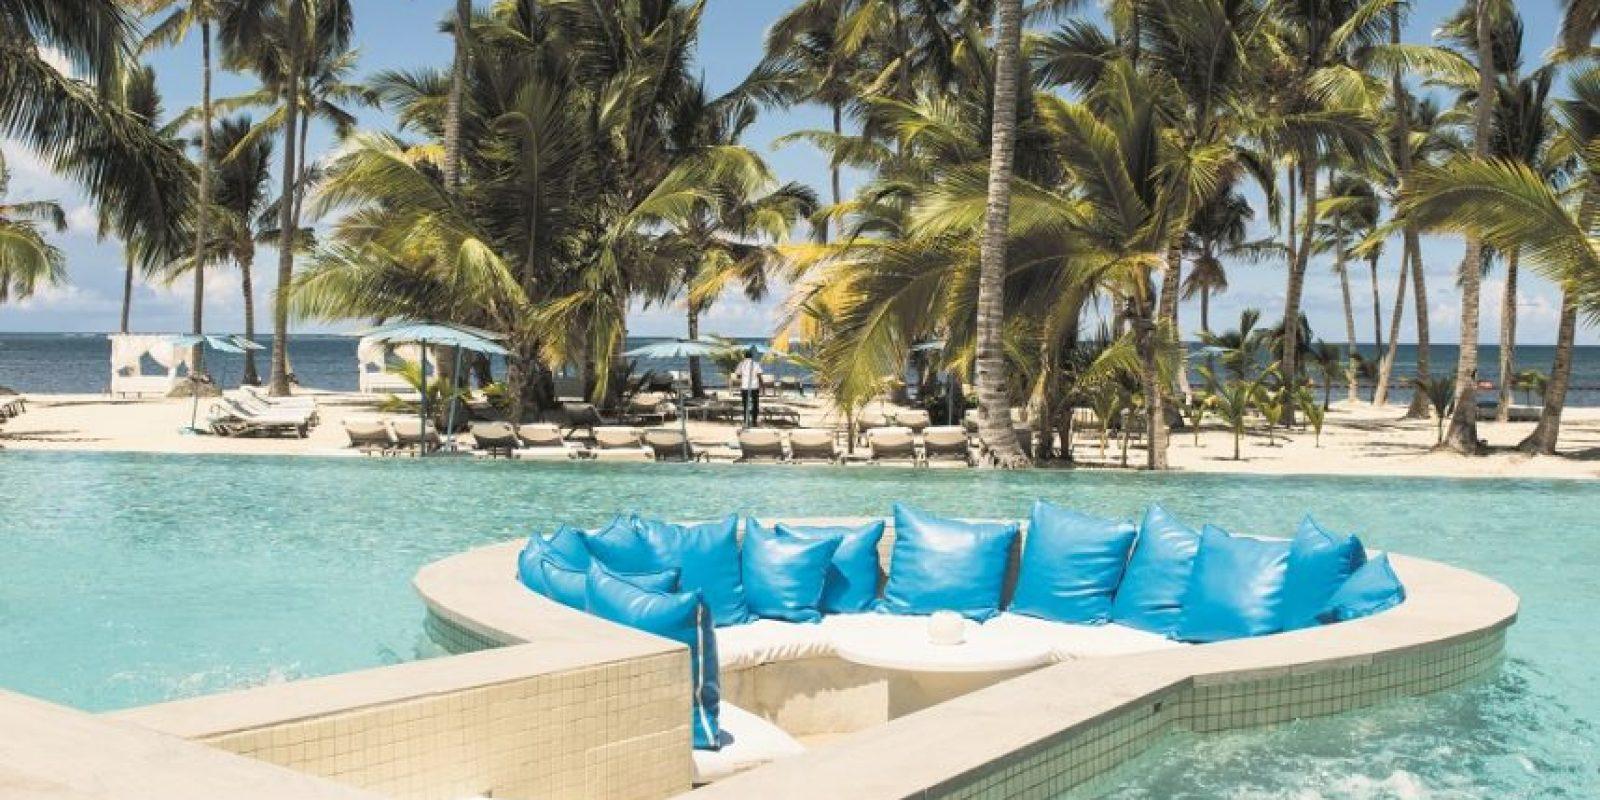 Pearl Beach Club, un paraíso turístico en Cabeza de Toro, Punta Cana. Foto:Bolívar Orozco